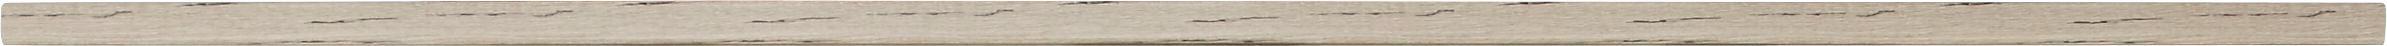 Kranzleiste New York in Eichefarben - Eichefarben, LIFESTYLE, Holz/Holzwerkstoff (180/3,2/1cm) - PREMIUM LIVING